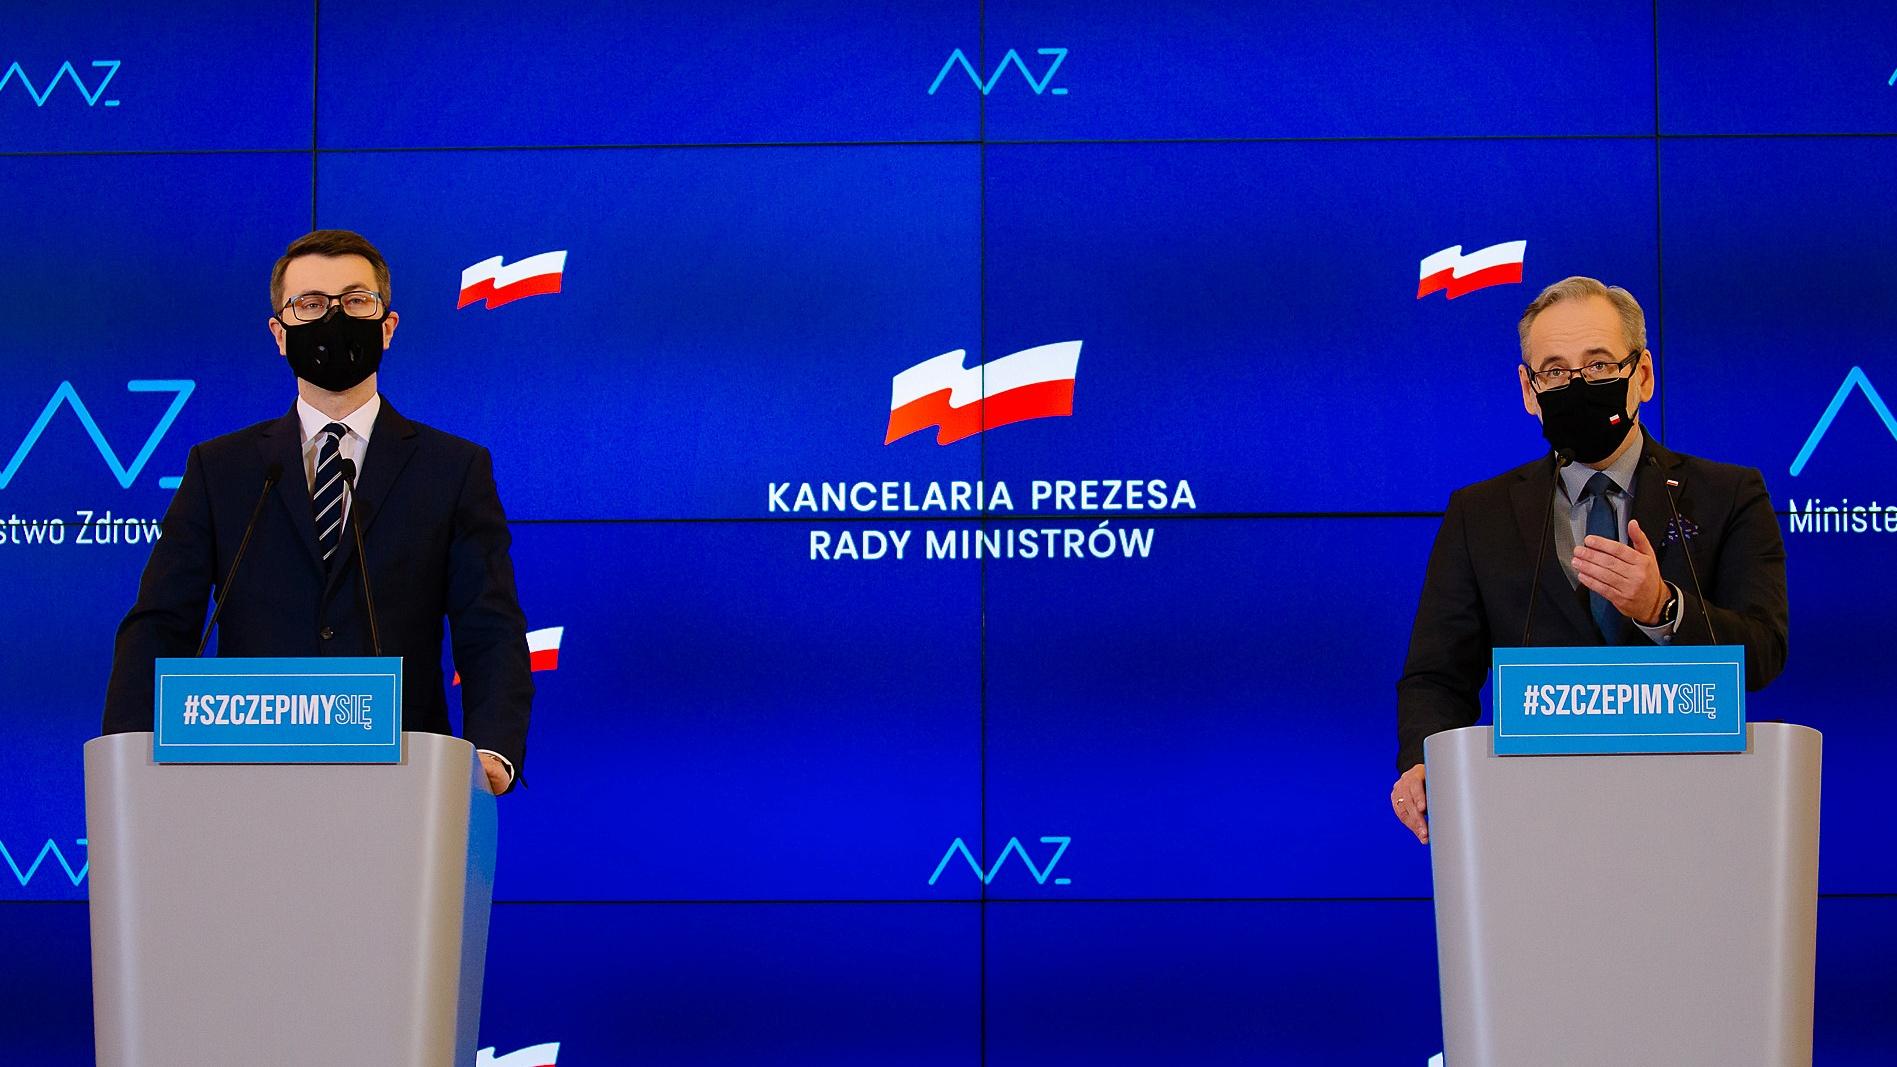 [Sondaż] 52 proc. Polaków przeciwnych ograniczeniom dla niezaszczepionych